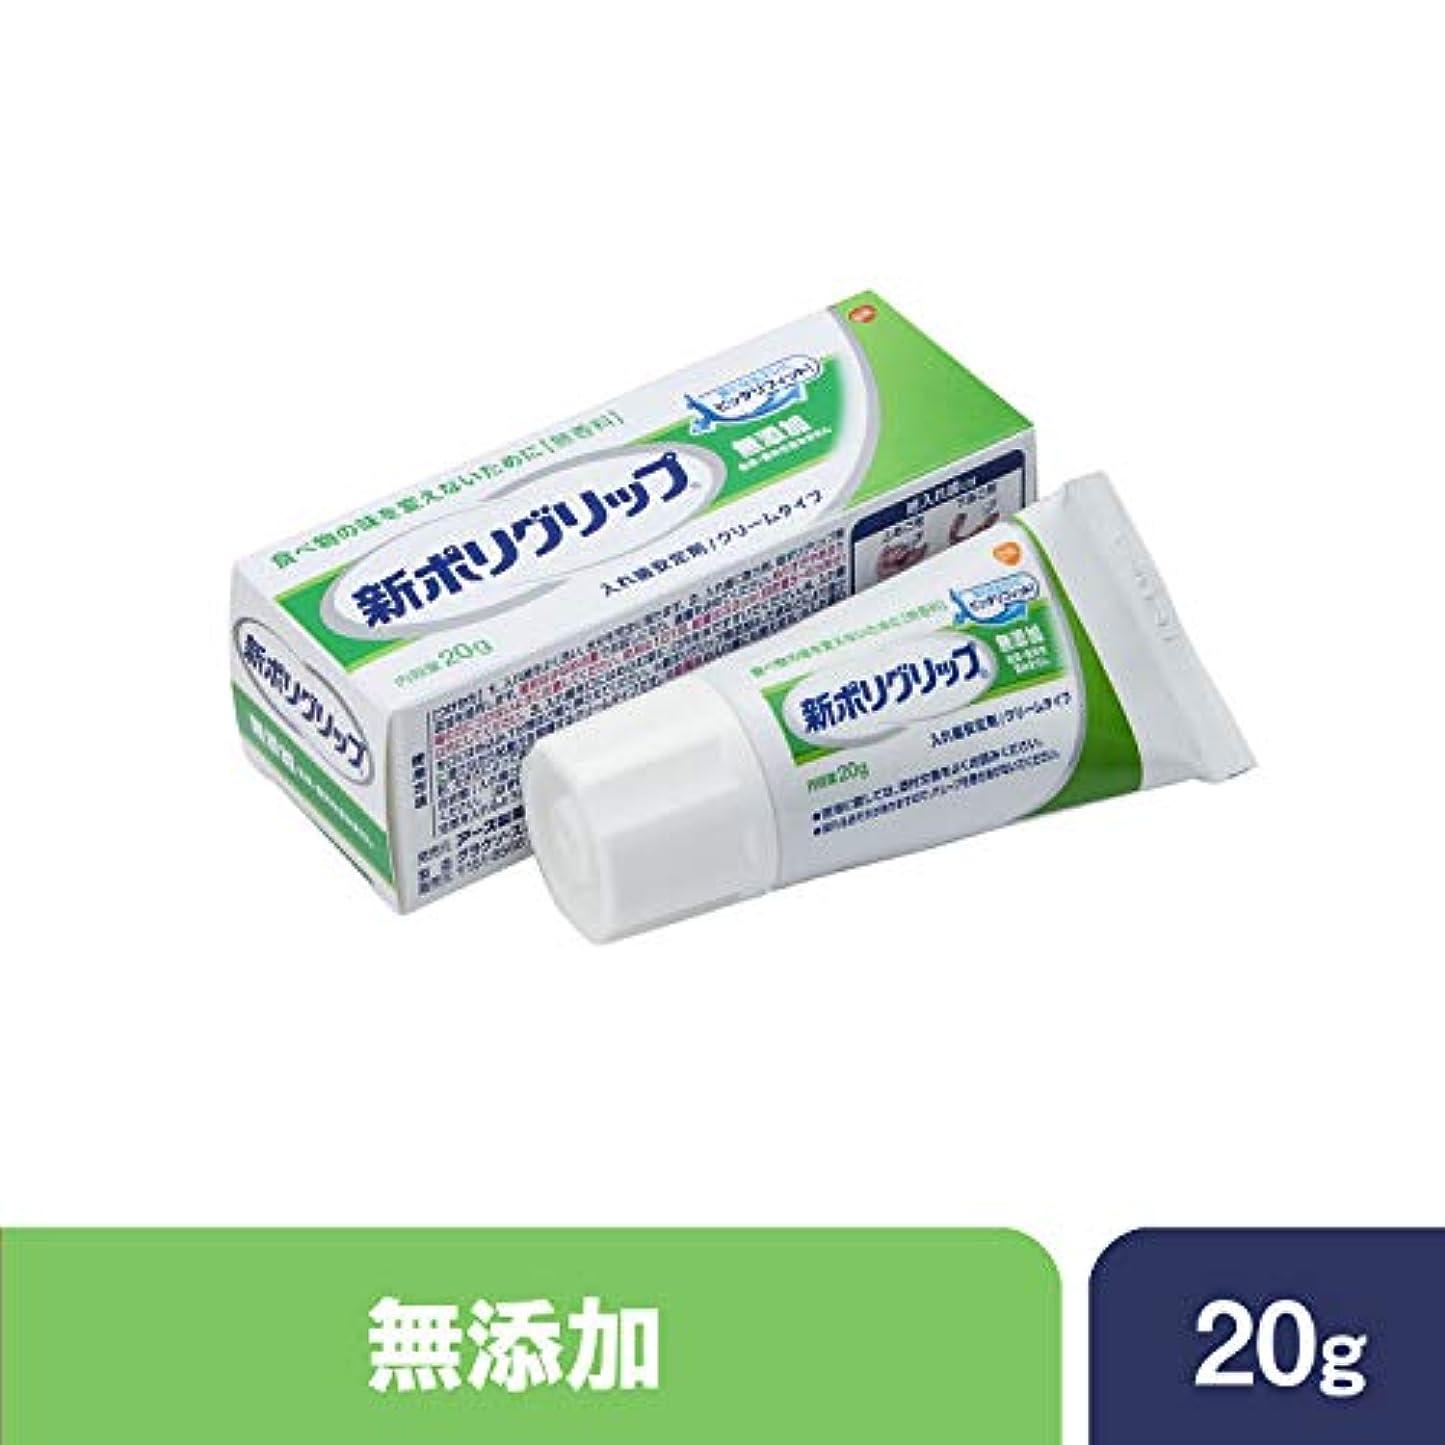 胴体番号なぜなら部分?総入れ歯安定剤 新ポリグリップ 無添加(色素?香料を含みません) 20g